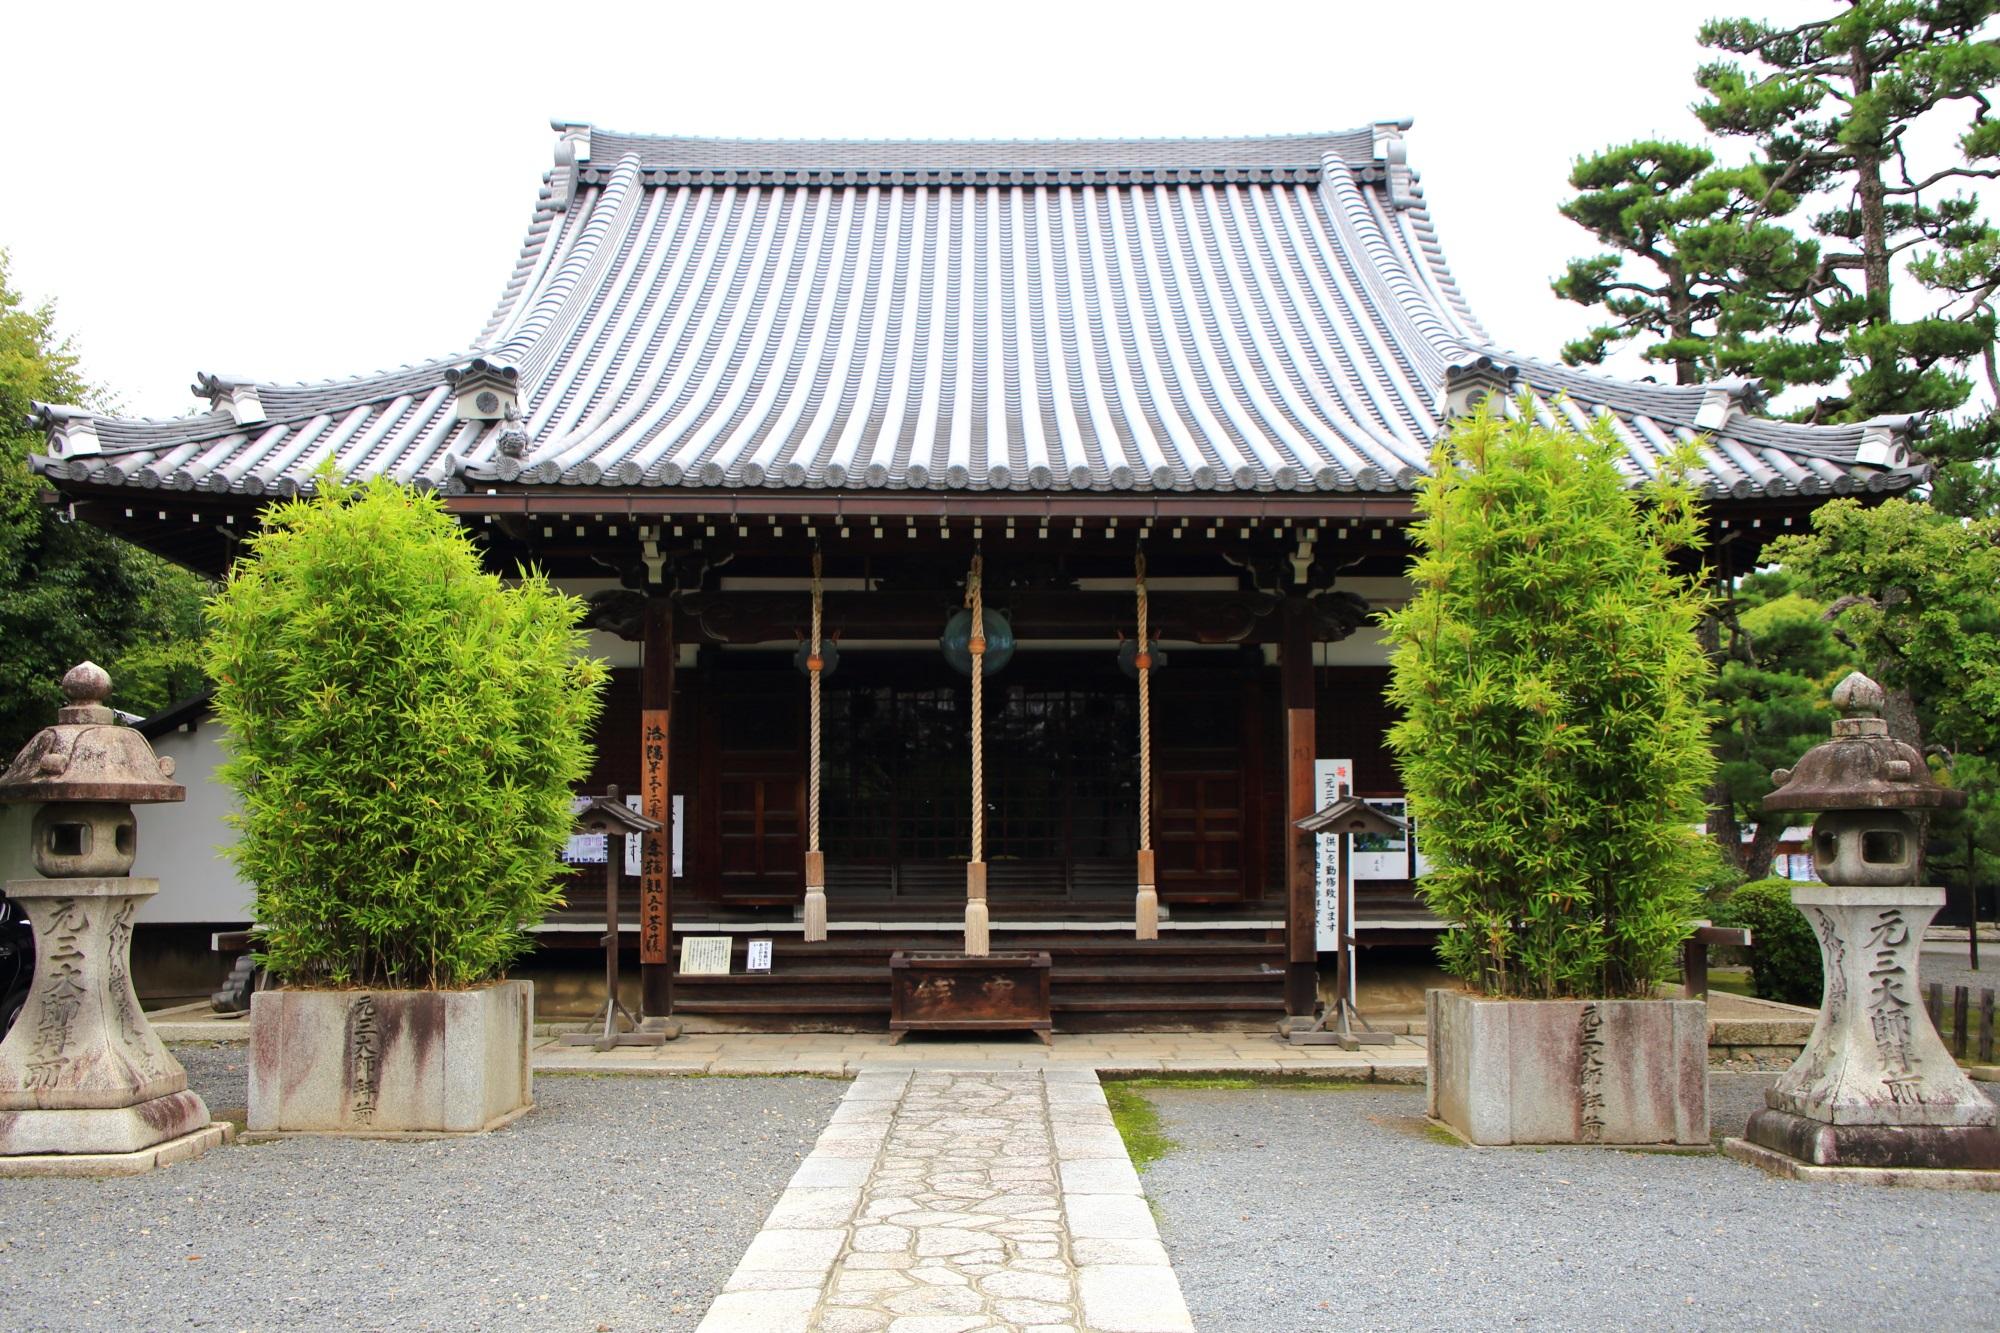 美しい緑がそえられた廬山寺の雄大な大師堂